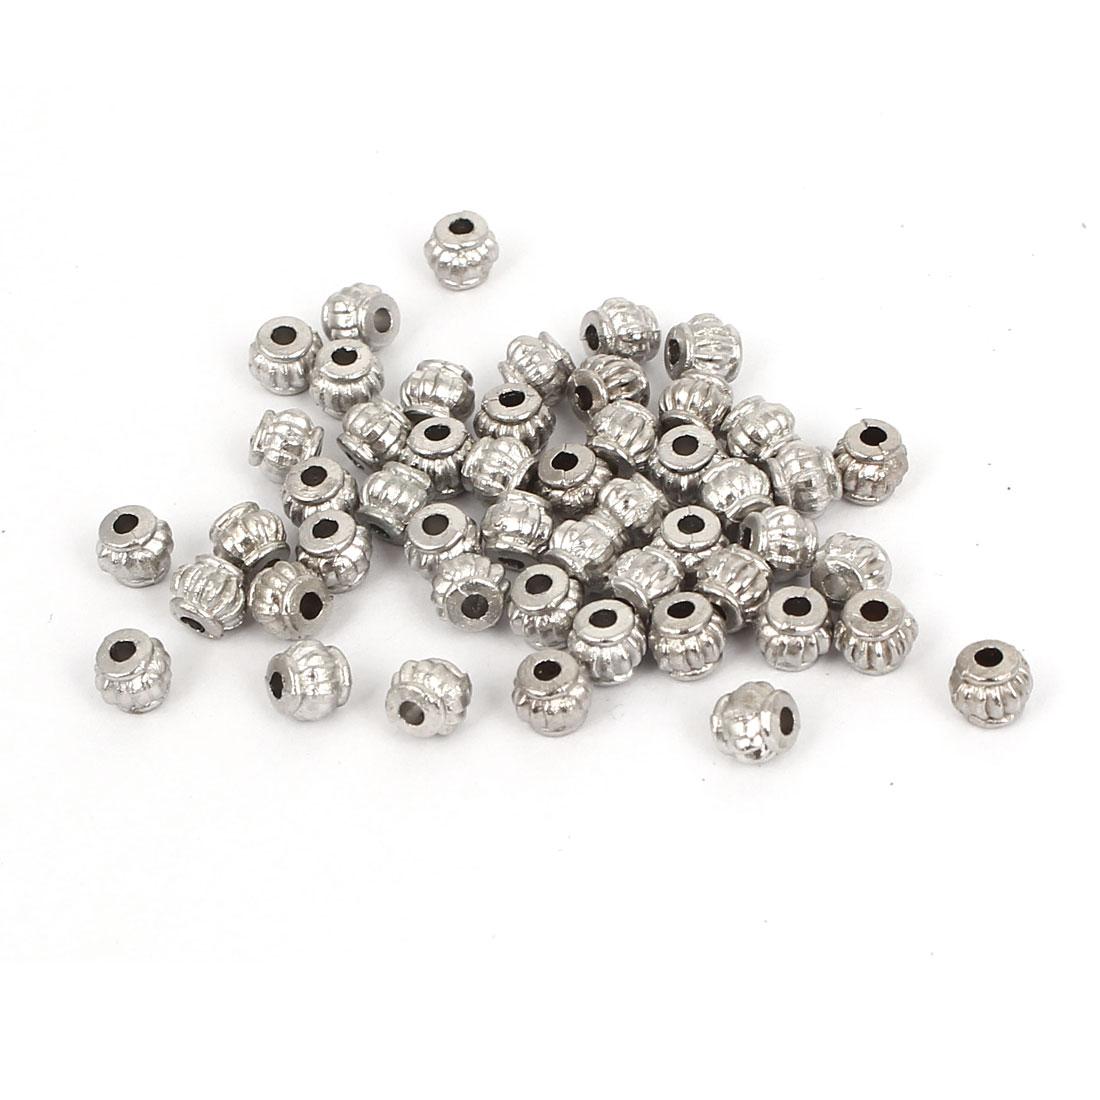 DIY Craft Jewelry Making Metal Lantern Shaped Spacer Bead Silver Tone 50Pcs